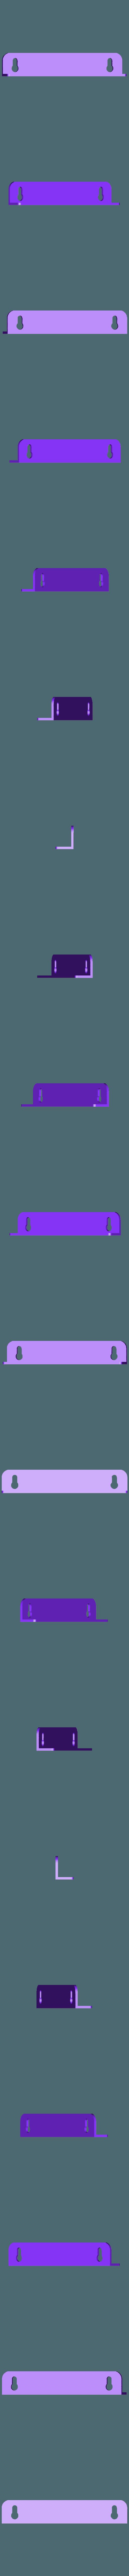 wiha_8pc_26391.stl Télécharger fichier STL gratuit Porte-vis de précision Wiha • Objet imprimable en 3D, Masterkookus